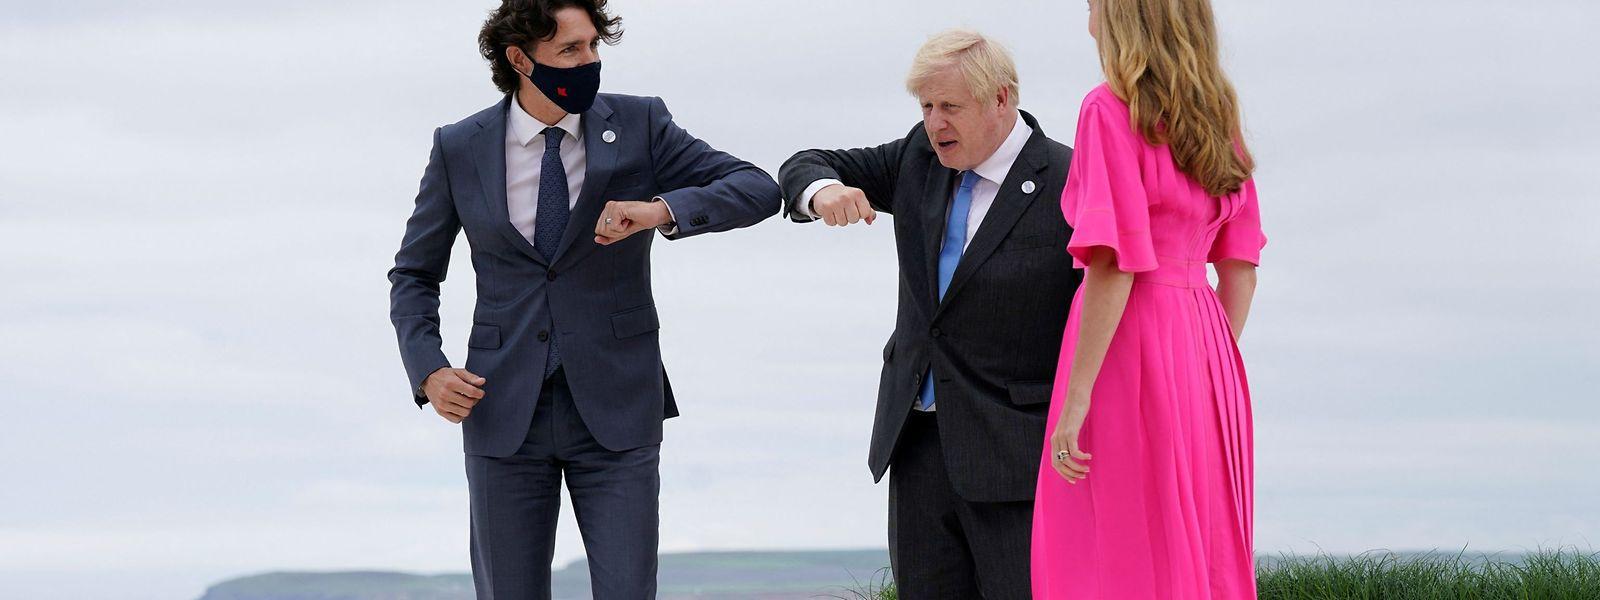 Einmal fürs Foto: Justin Trudeau (Kanada, links) und das Ehepaar Johnson.